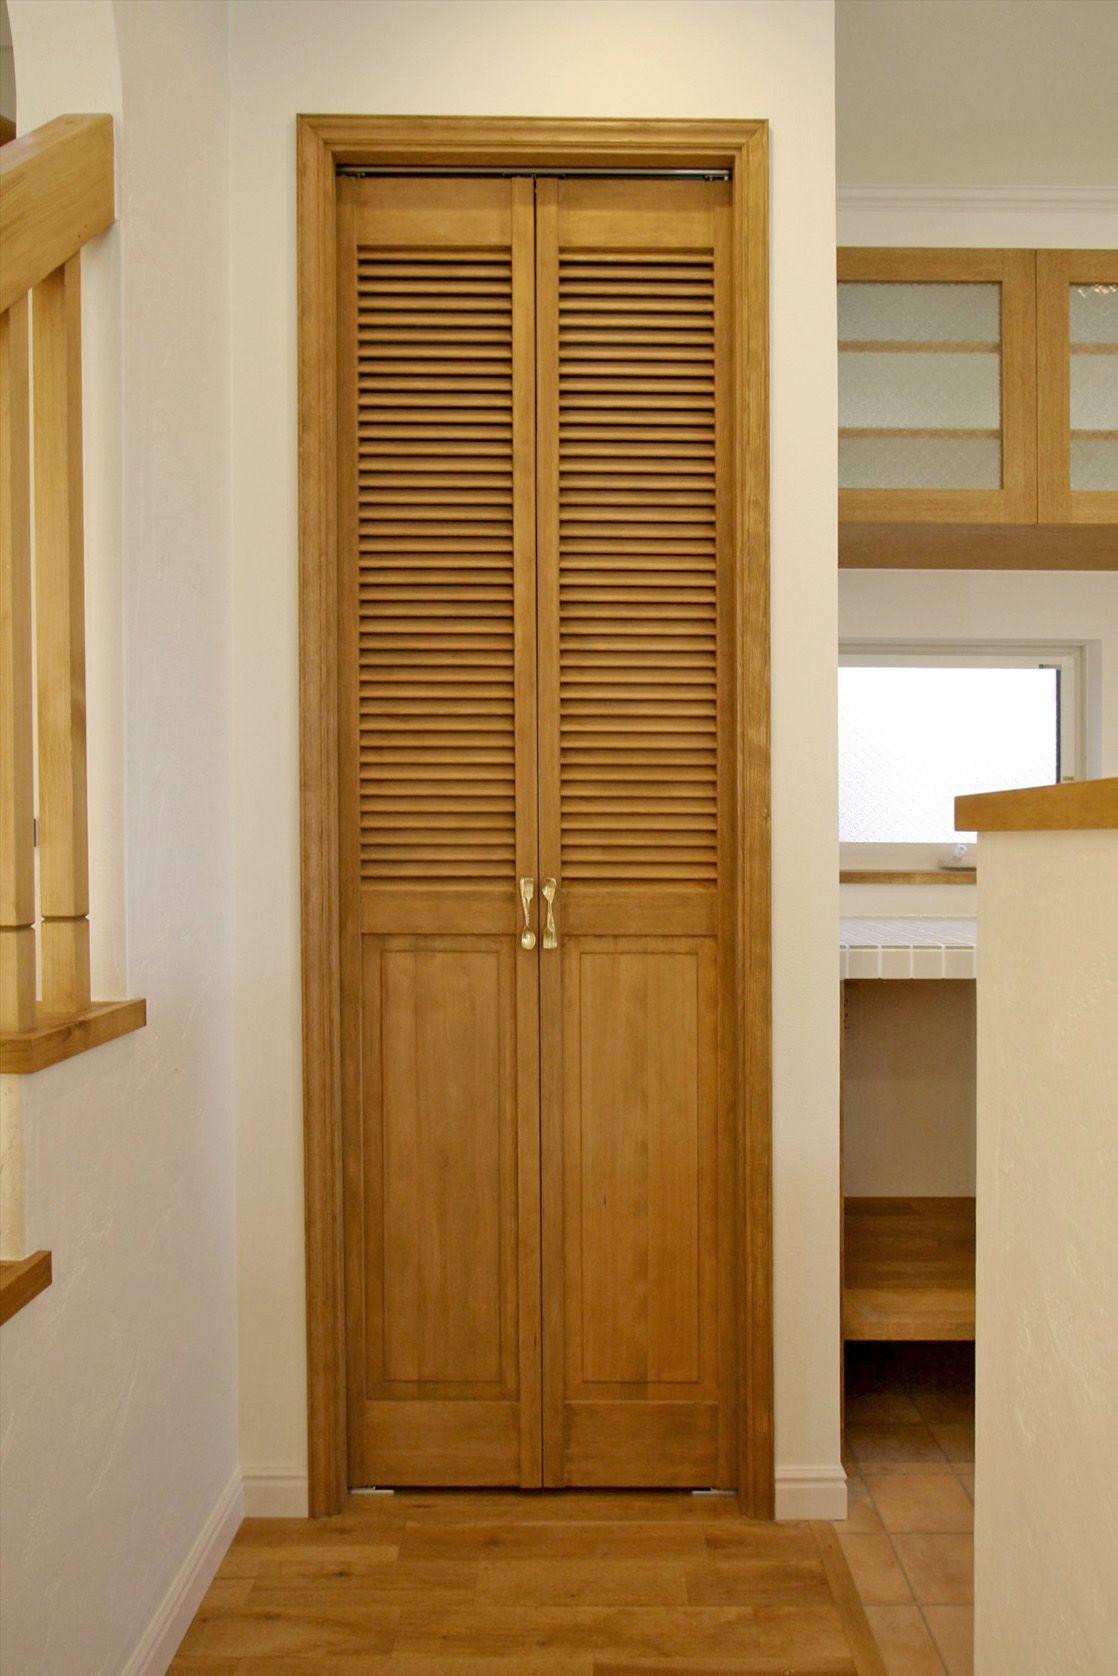 室内ドア パントリー 収納 ルーバー ドア 造作ドア 扉 インテリア